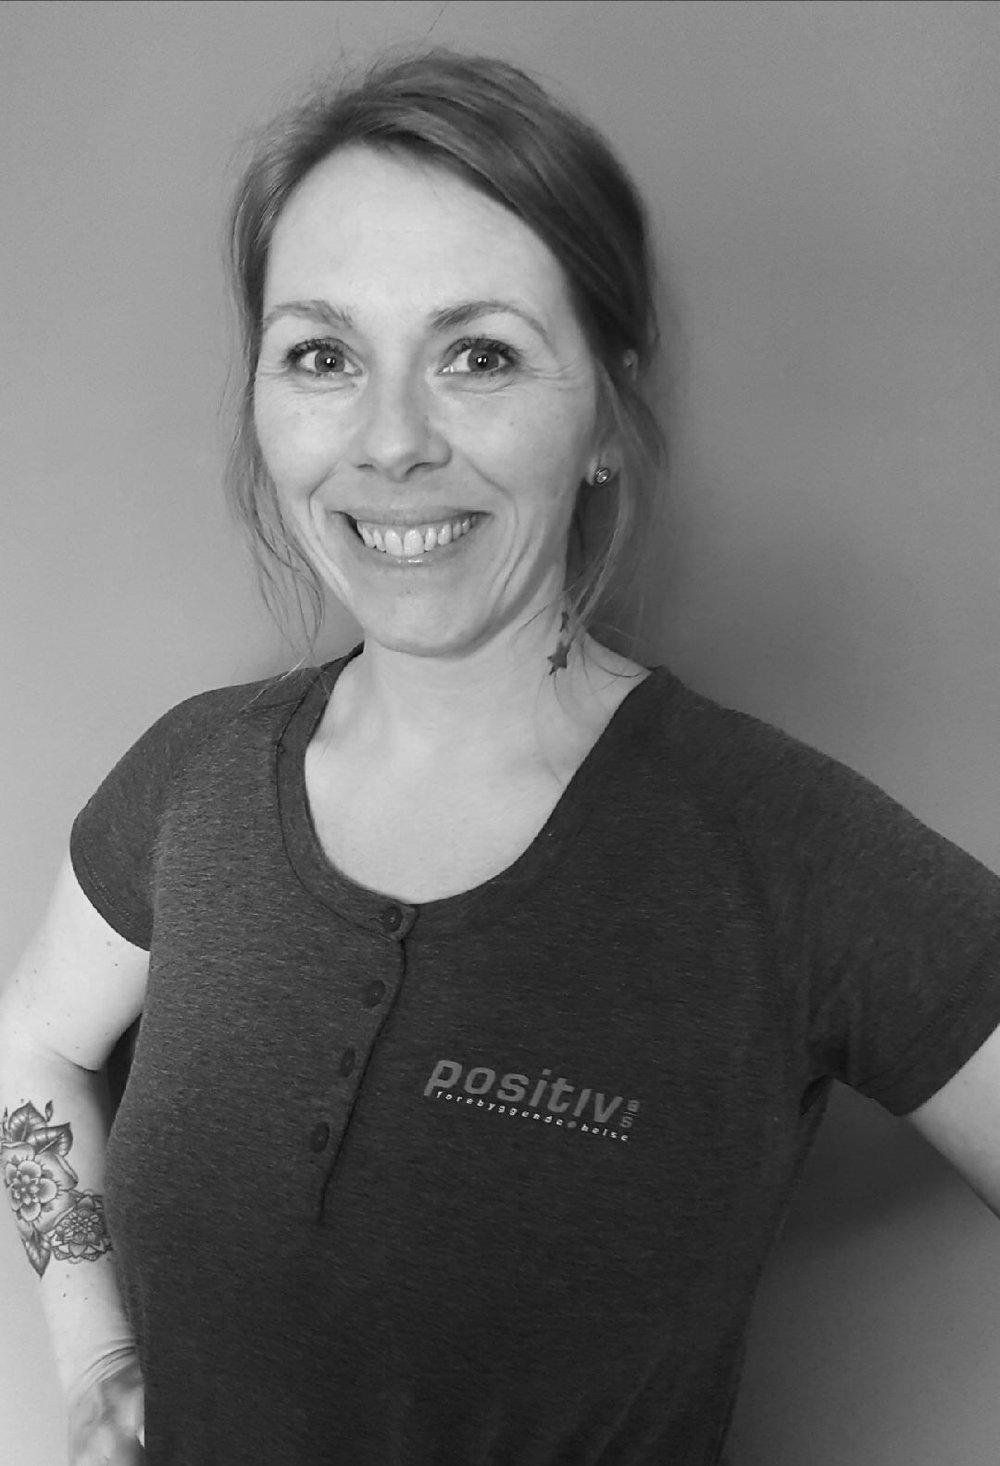 Rita Iversen - Utdannelse fra IFH, Institutt for Helhetsmedisin. Jobbet som massasjeterapeut siden 2013, med erfaring fra klinikk og bedrifter.